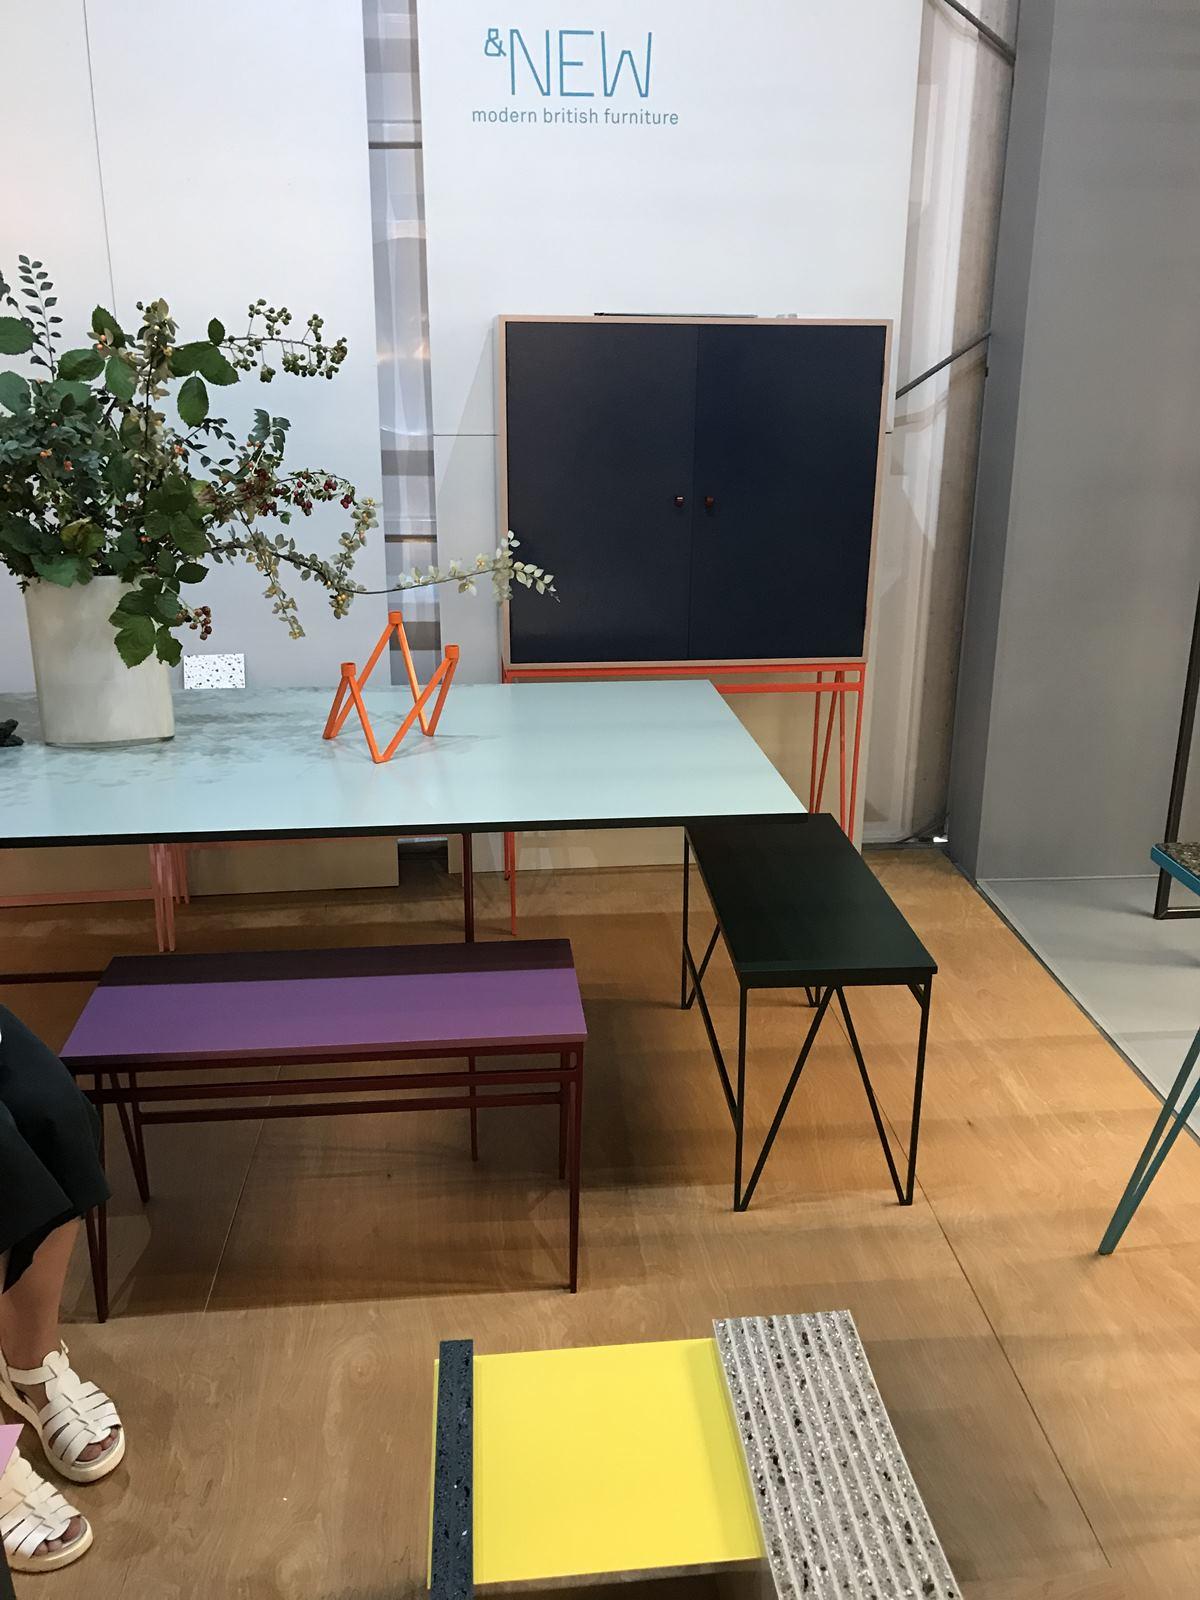 디자인정션(designjunction)에서 만난 &NEW의 작품들, 지그재그 다리 모양은 이 스튜디오의 아이덴티티다. ©김병수